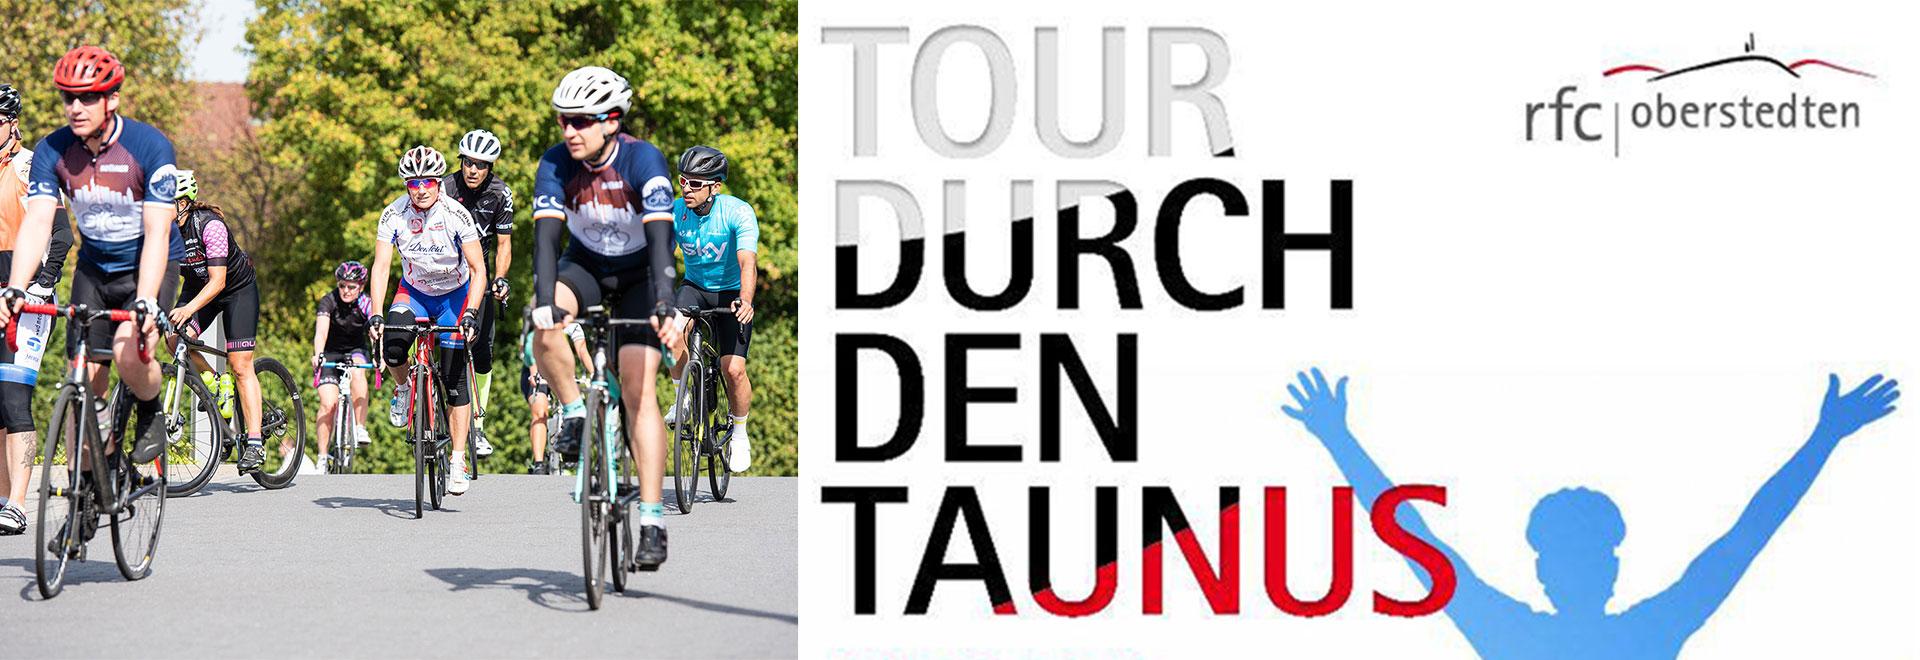 RTF Denfeld Tour durch den Taunus 2020 - Tourdaten online